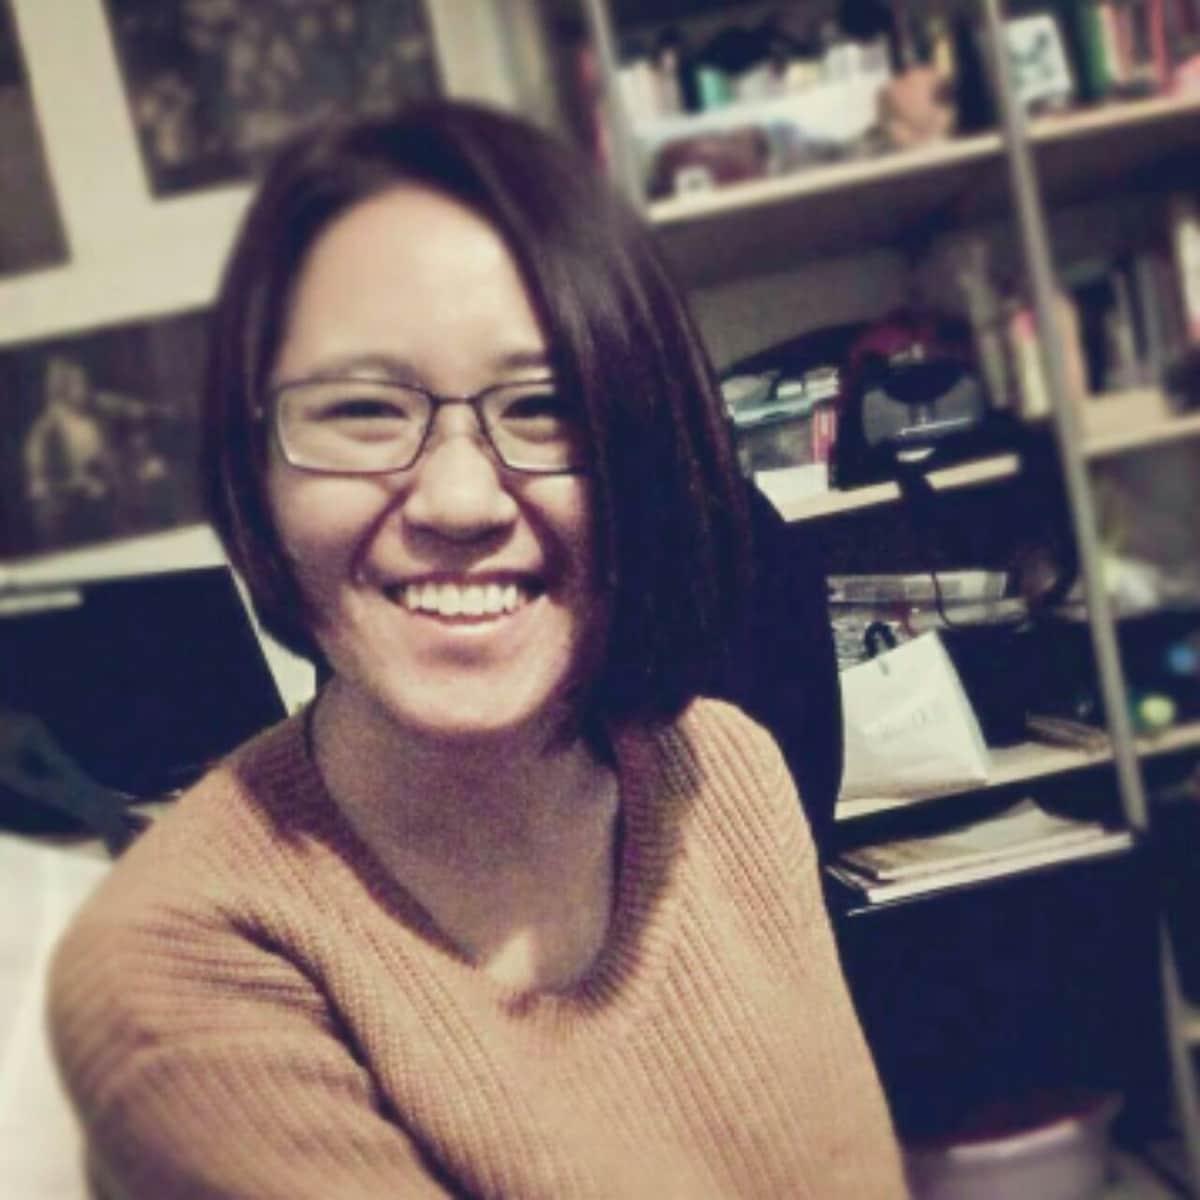 Lan From Beijing, China